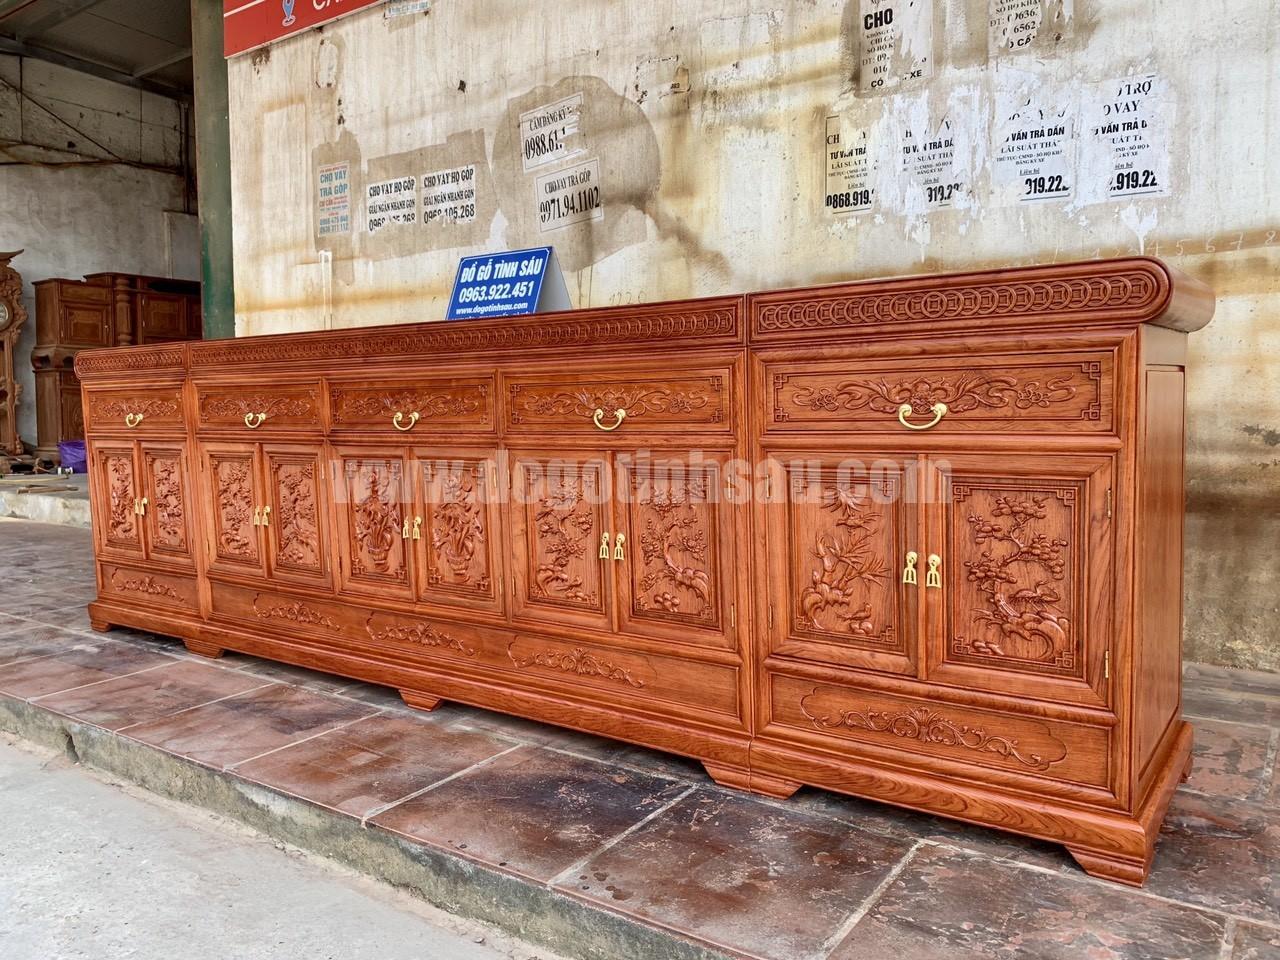 ke tivi go huong da mat phang - Kệ tivi 3 cục mặt phẳng gỗ hương đá dài 3m